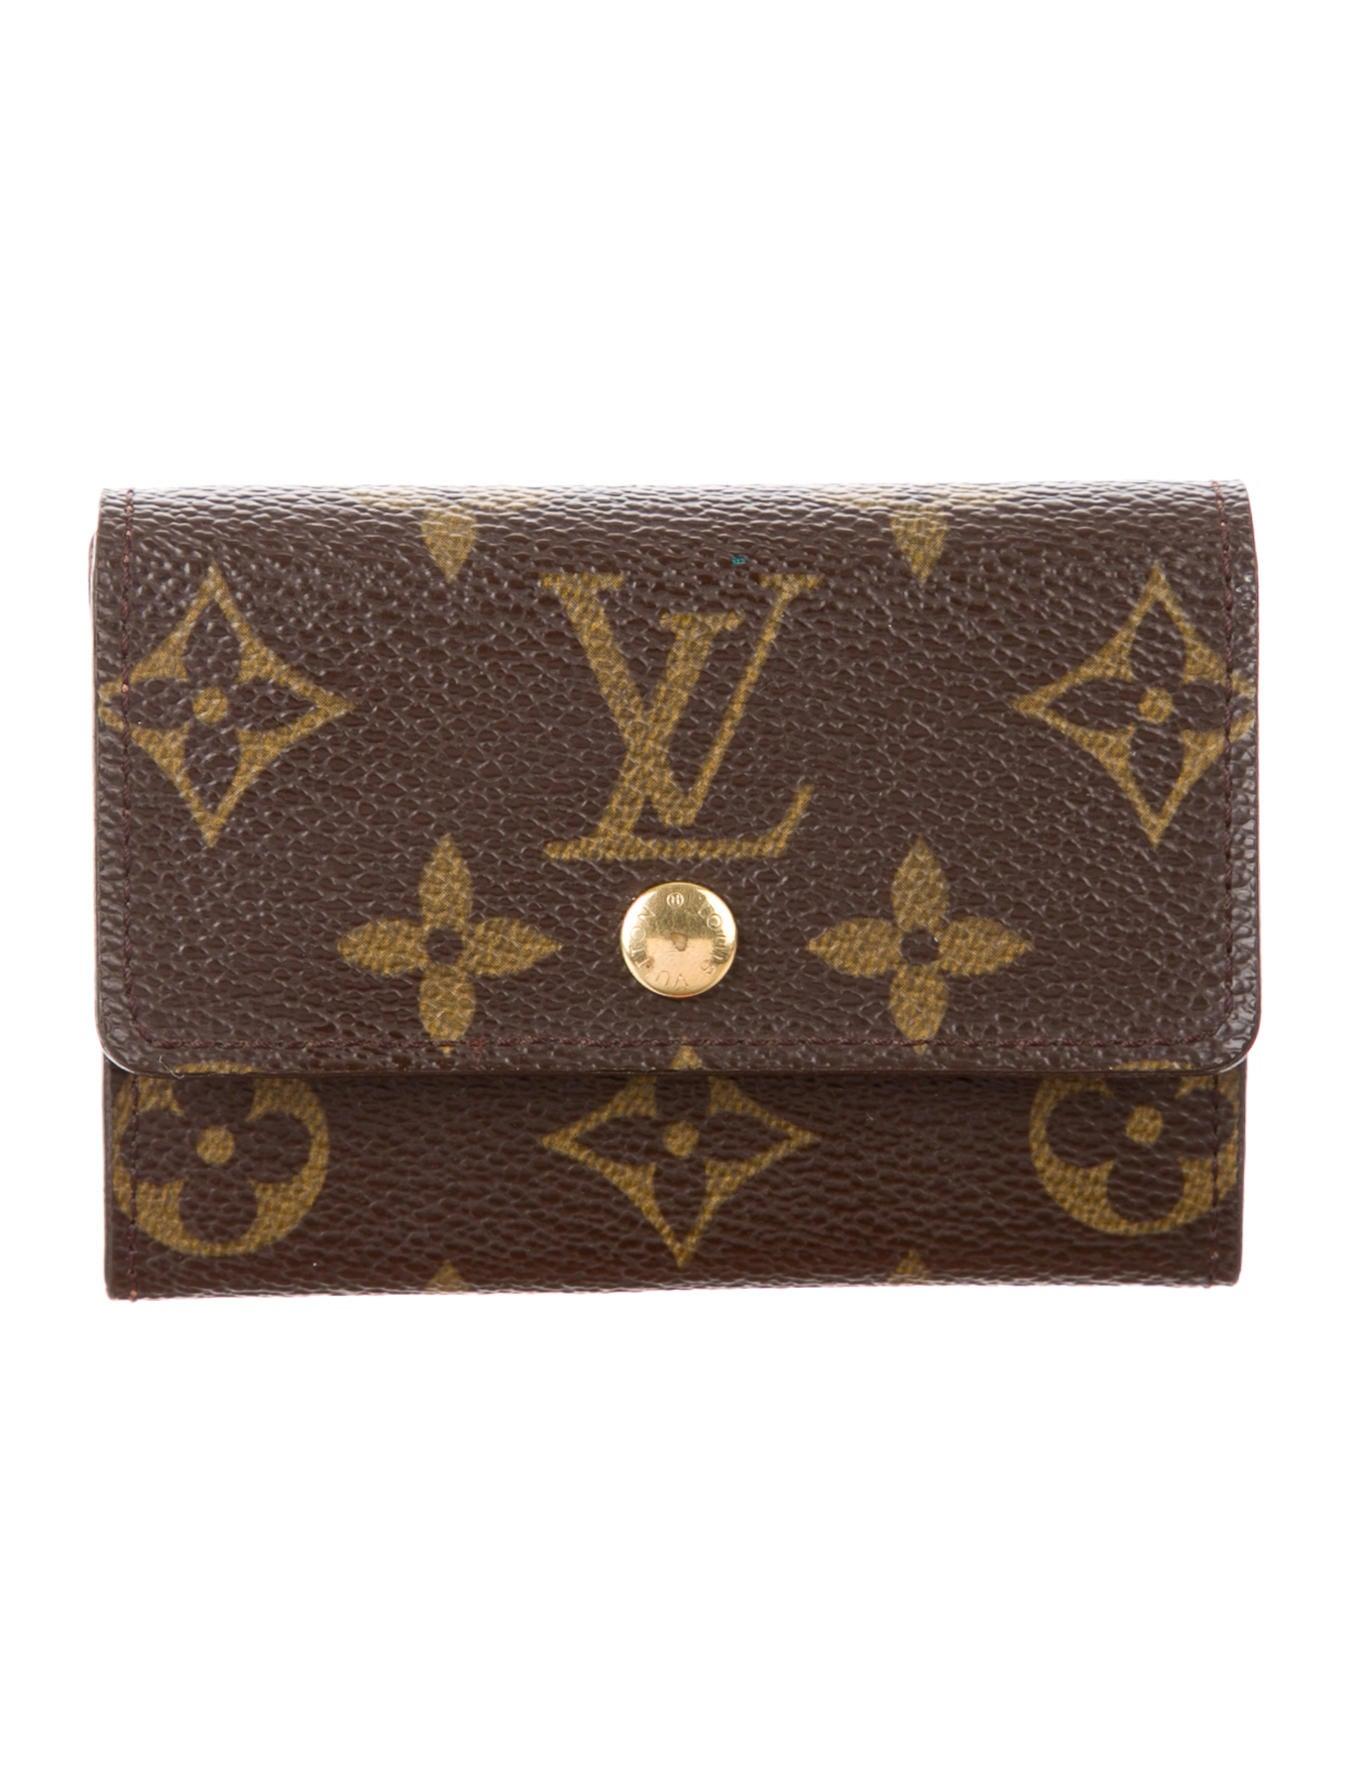 louis vuitton monogram porte monnaie plat change purse accessories lou116572 the realreal. Black Bedroom Furniture Sets. Home Design Ideas